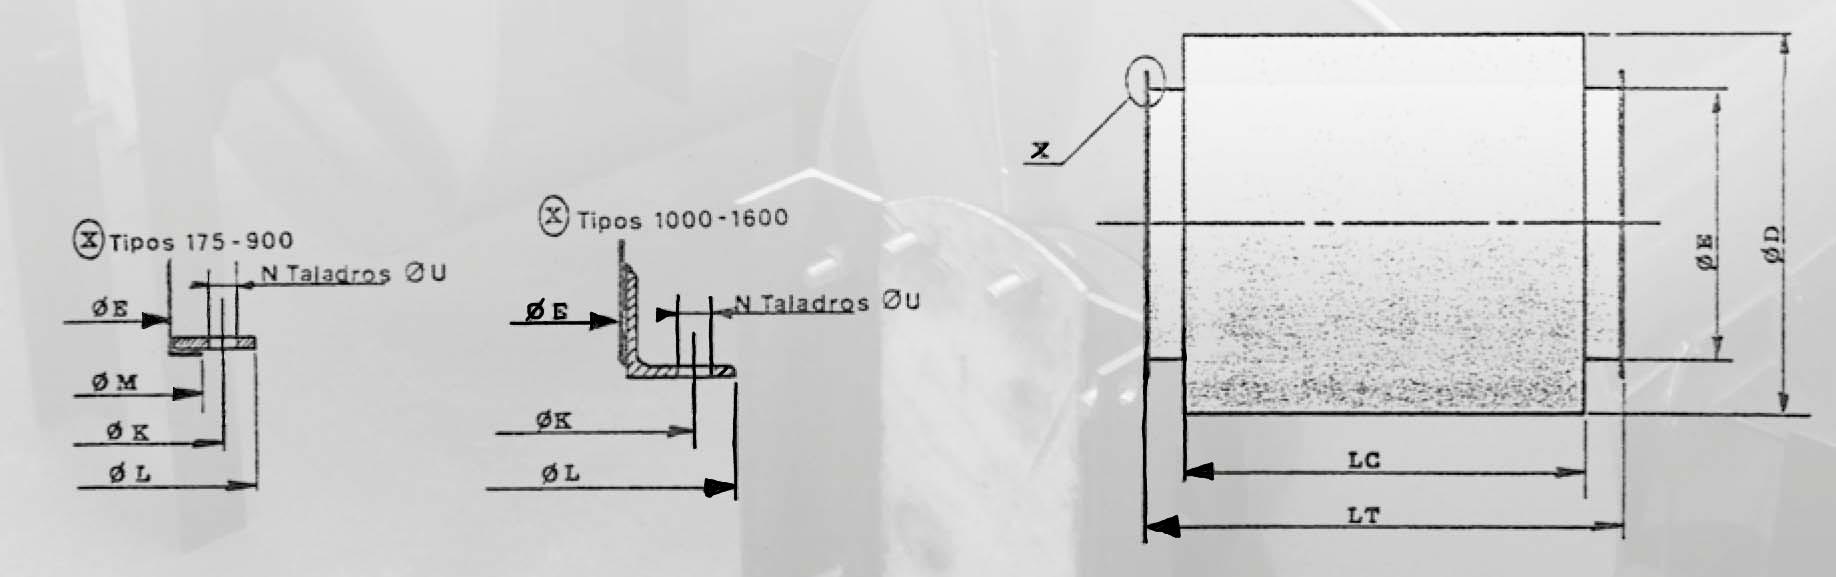 croquis dimension - Ficha-silenciador-ventilacion-snvc